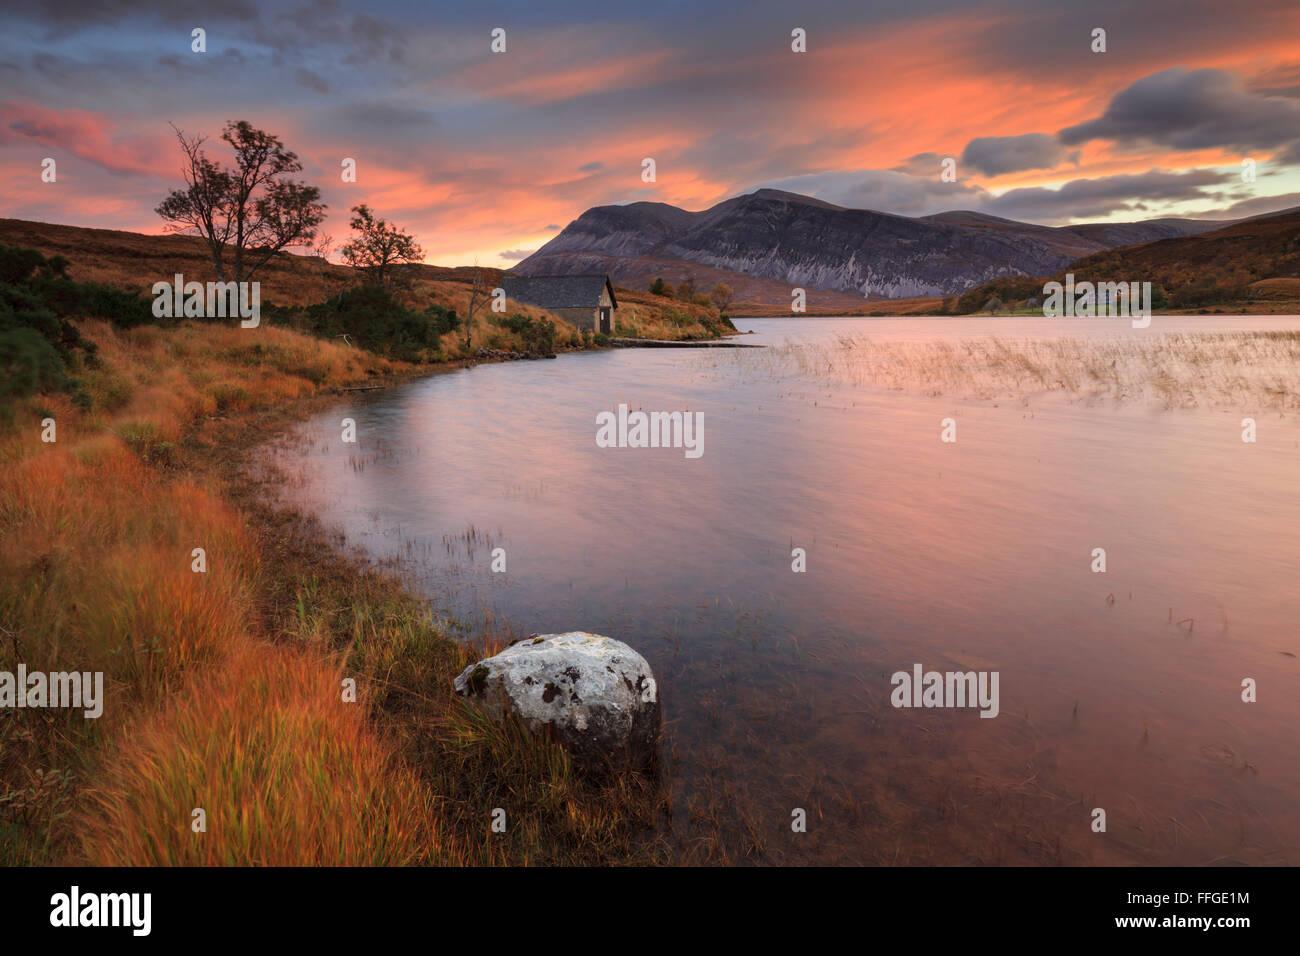 La remise à bateaux à l'extrémité sud du Loch Stack, dans le nord-ouest des Highlands d'Écosse, Photo Stock